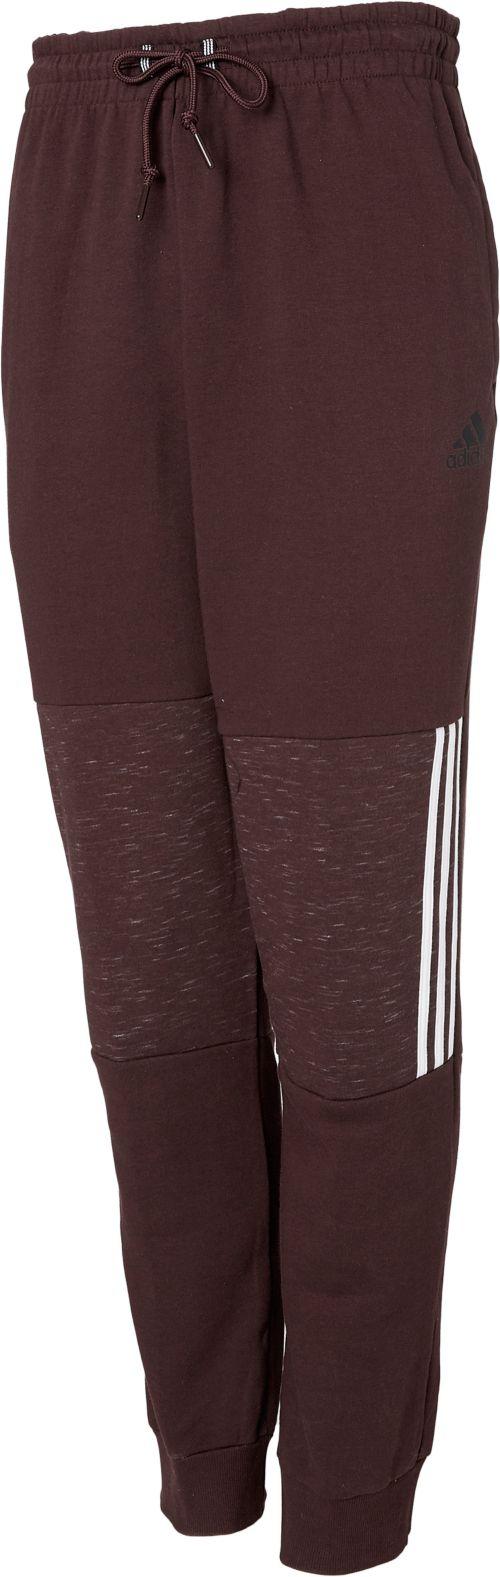 a2e5a3b601dd adidas Men s Post Game Fleece Jogger Pants